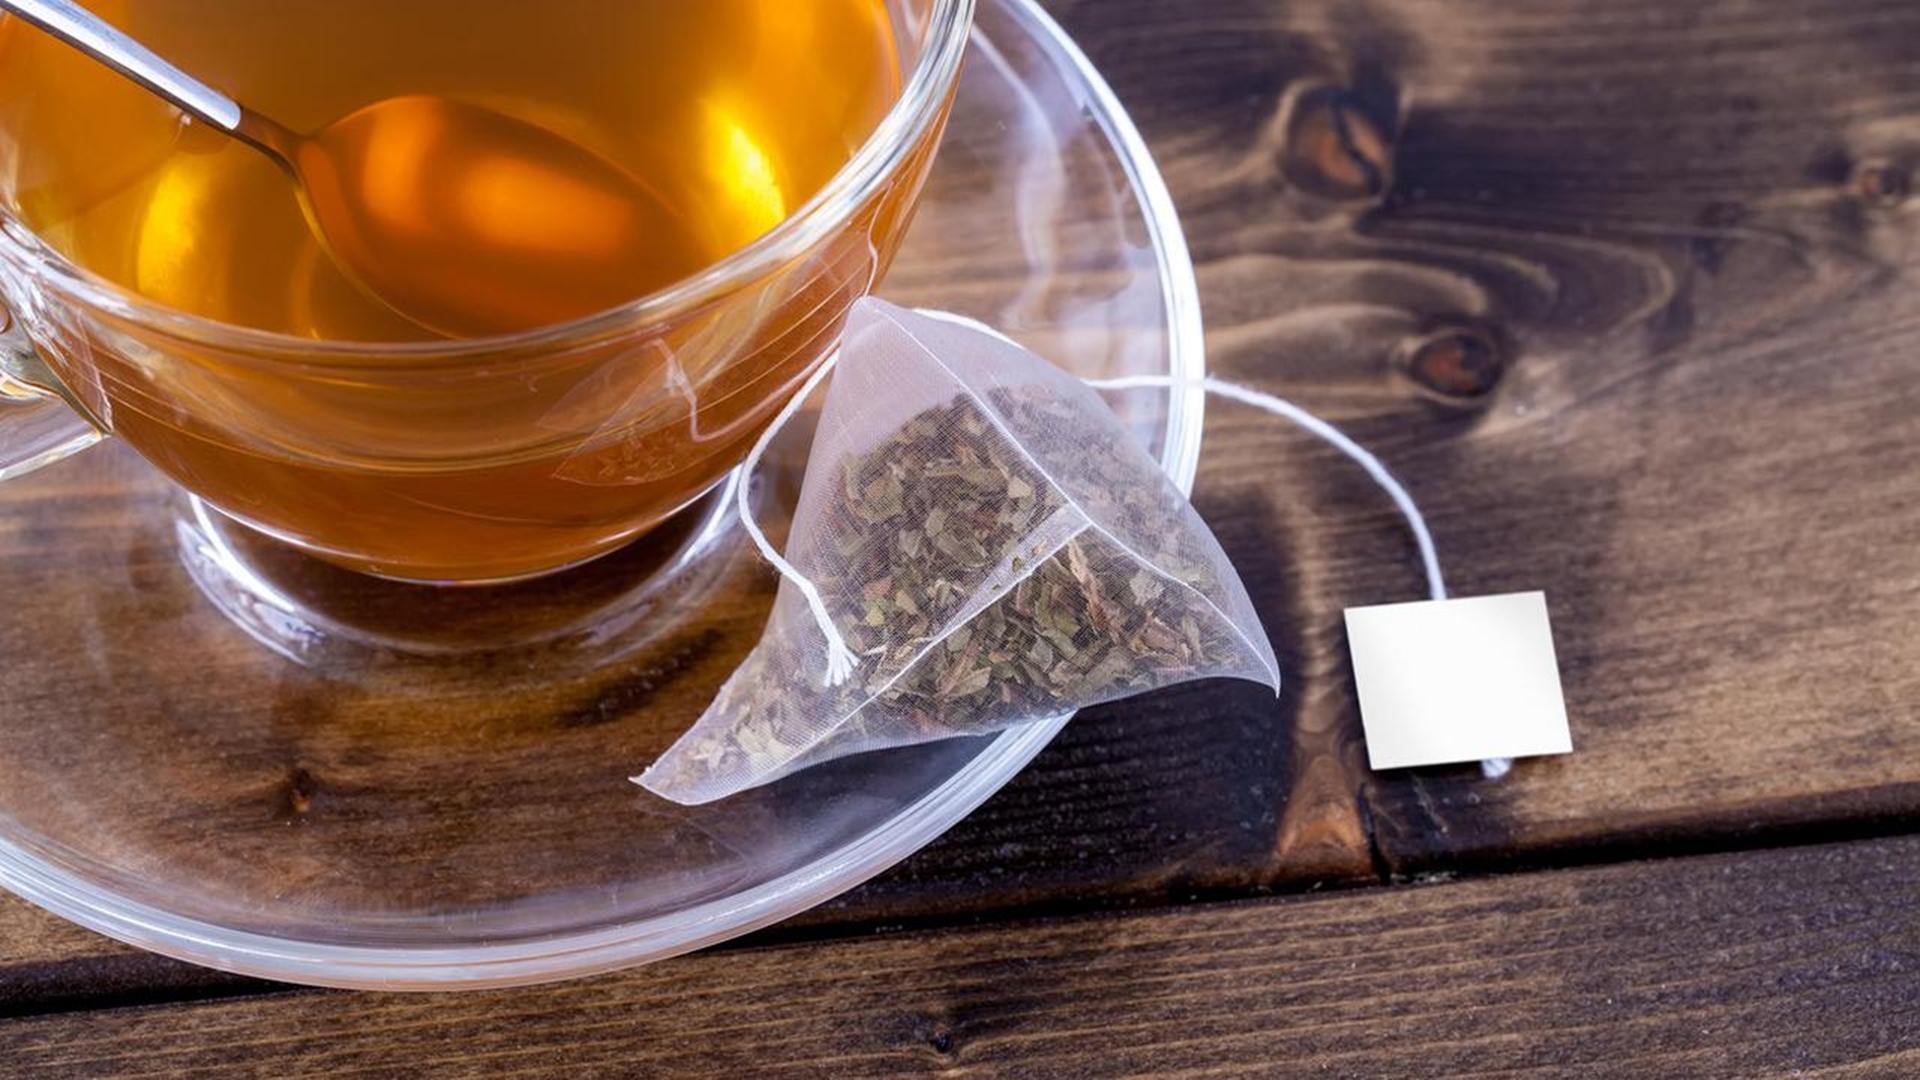 Лучшие марки чая в пакетиках: ТОП-10 в исследовании ...